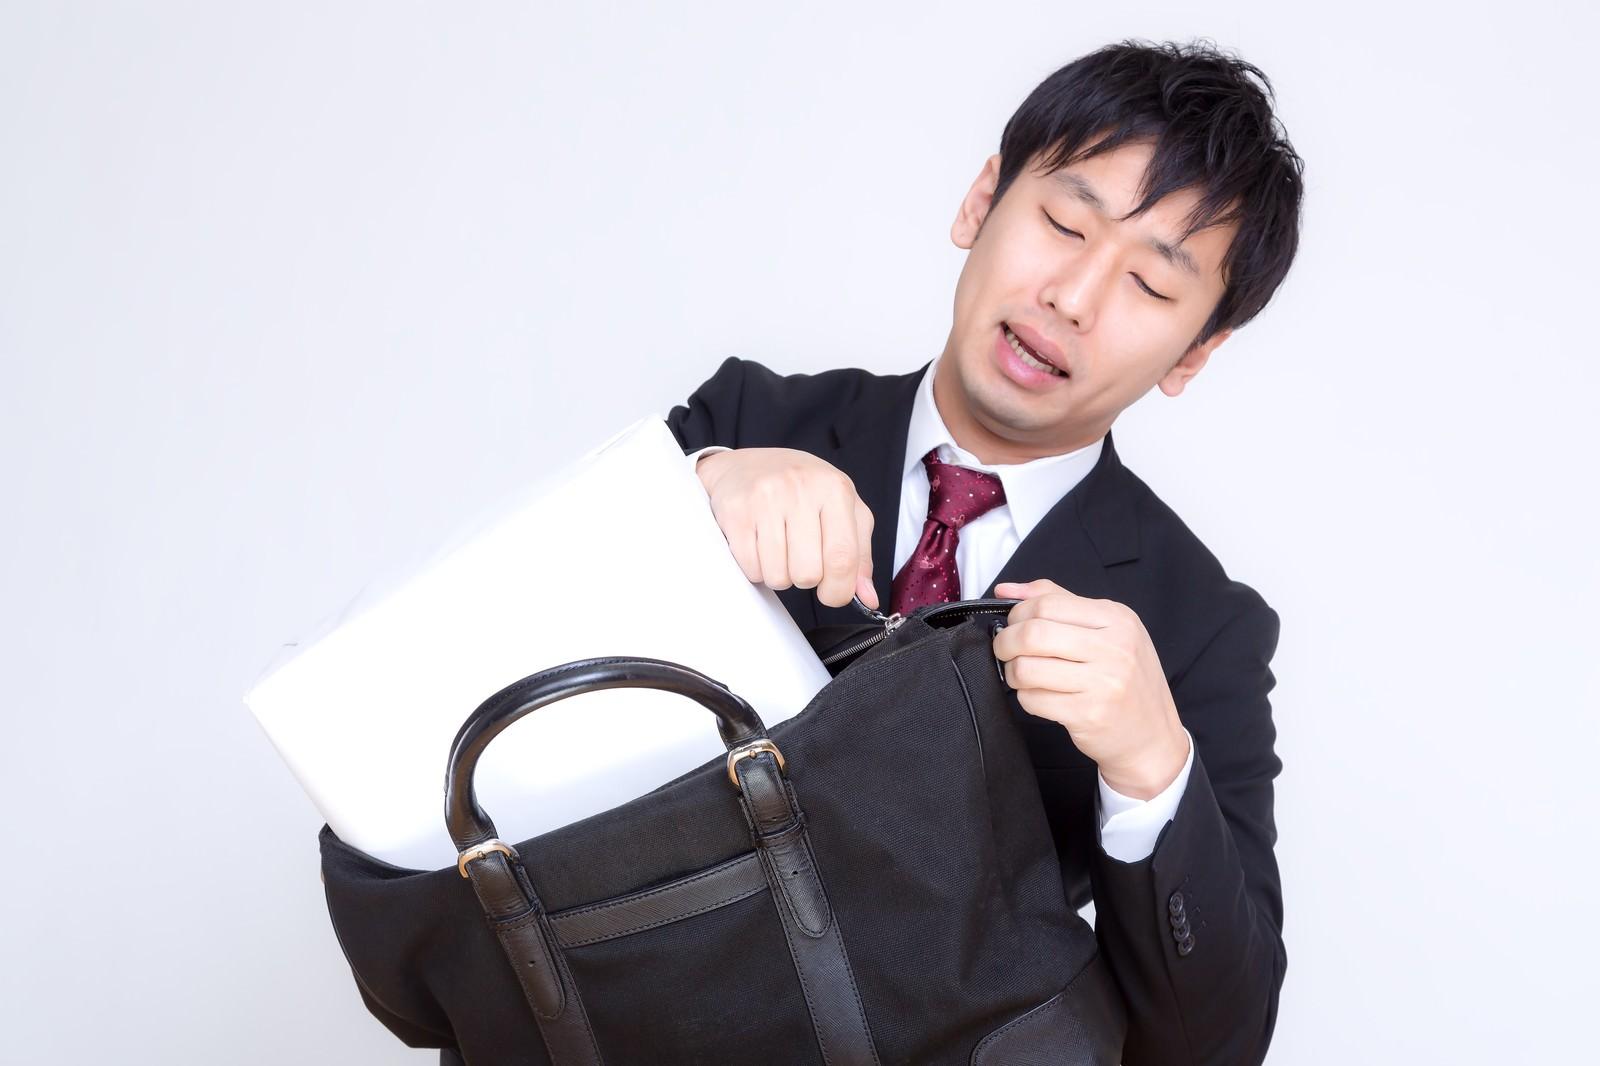 「縦なら入るとファスナーを閉めようとするビジネスマン」の写真[モデル:大川竜弥]